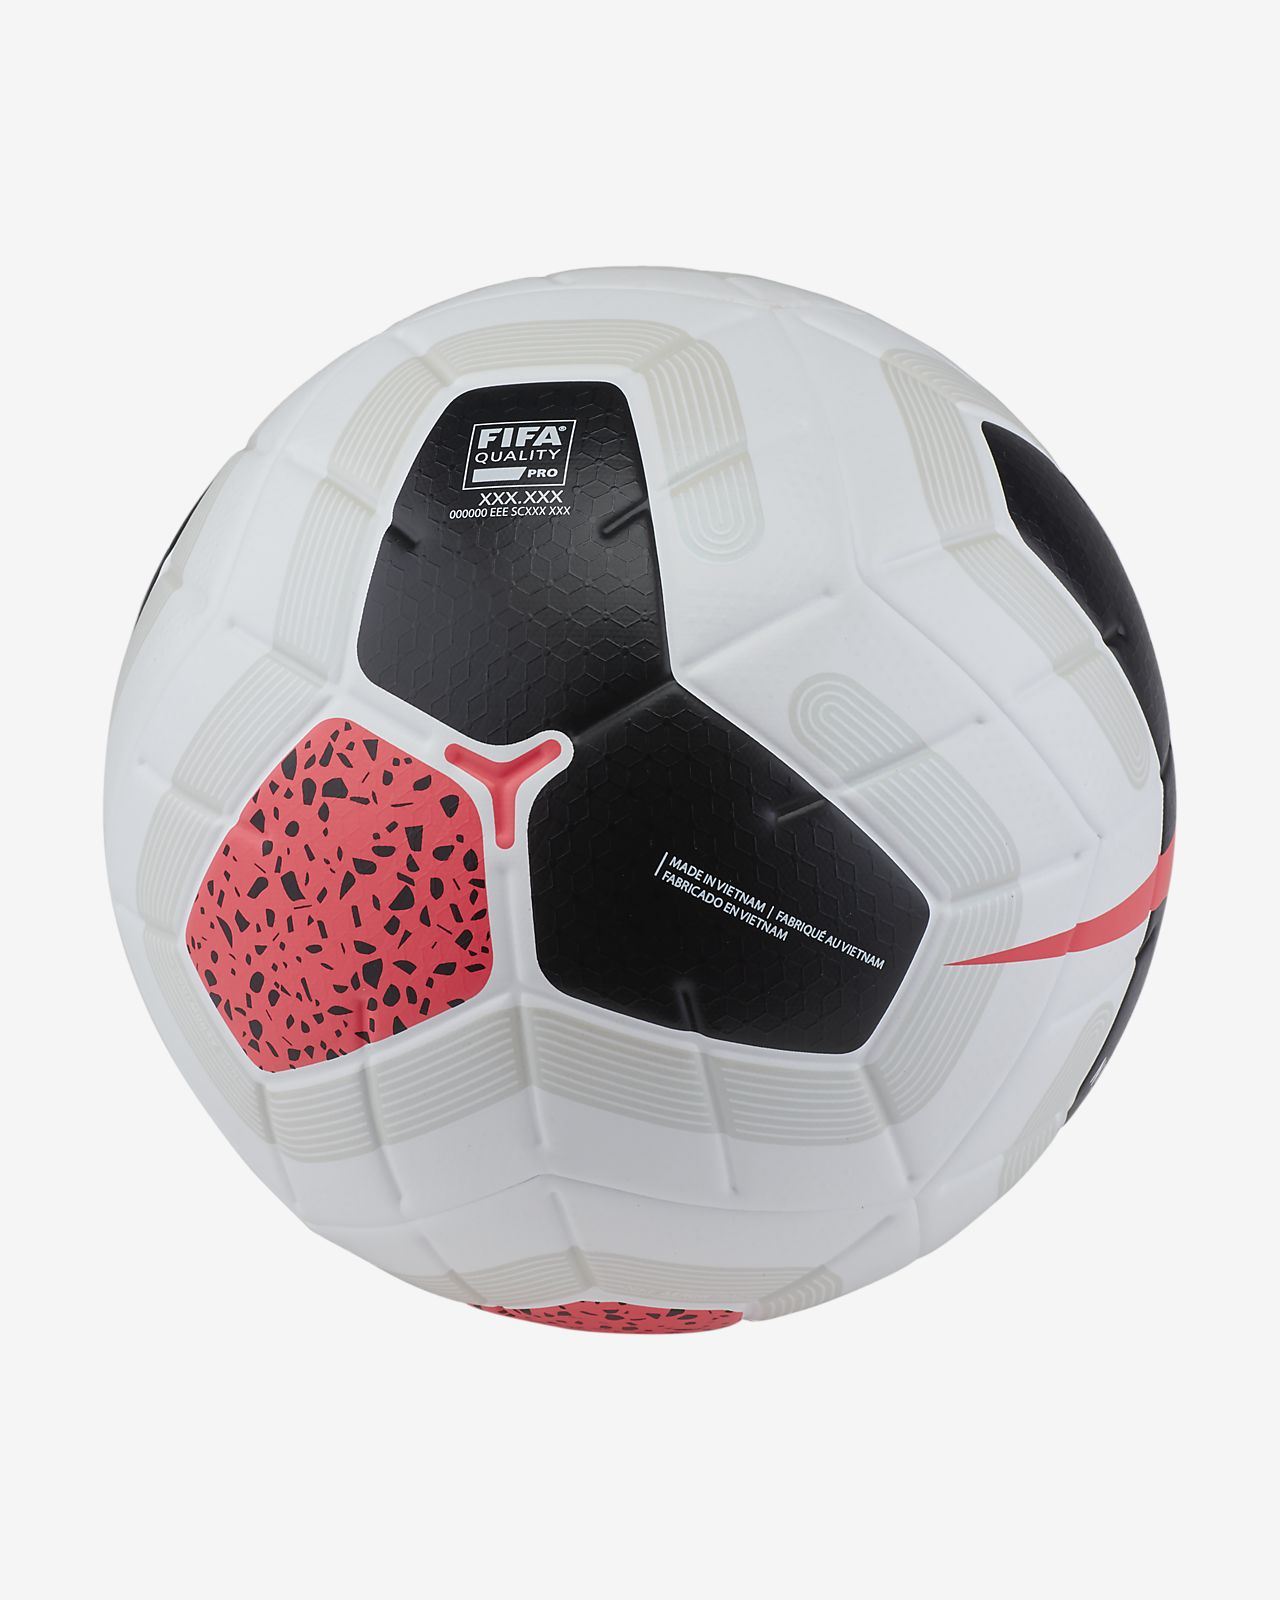 Piłka do piłki nożnej Premier League Merlin